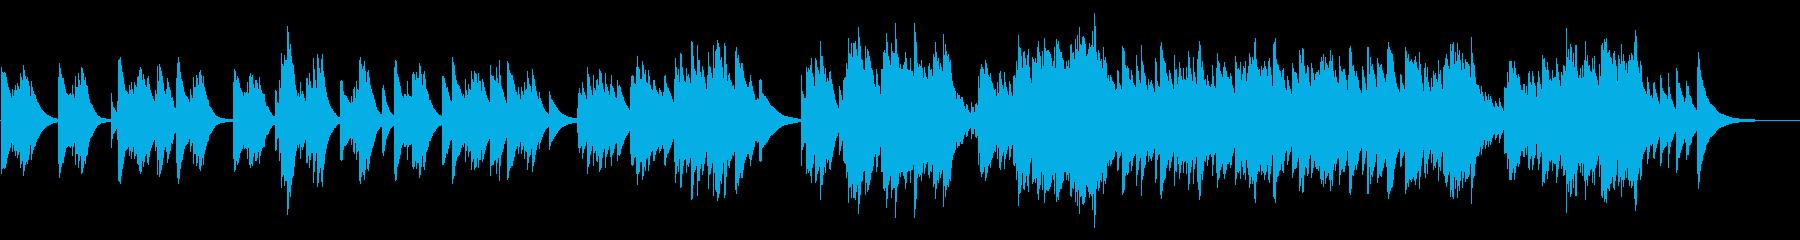 春の海 72弁オルゴールの再生済みの波形